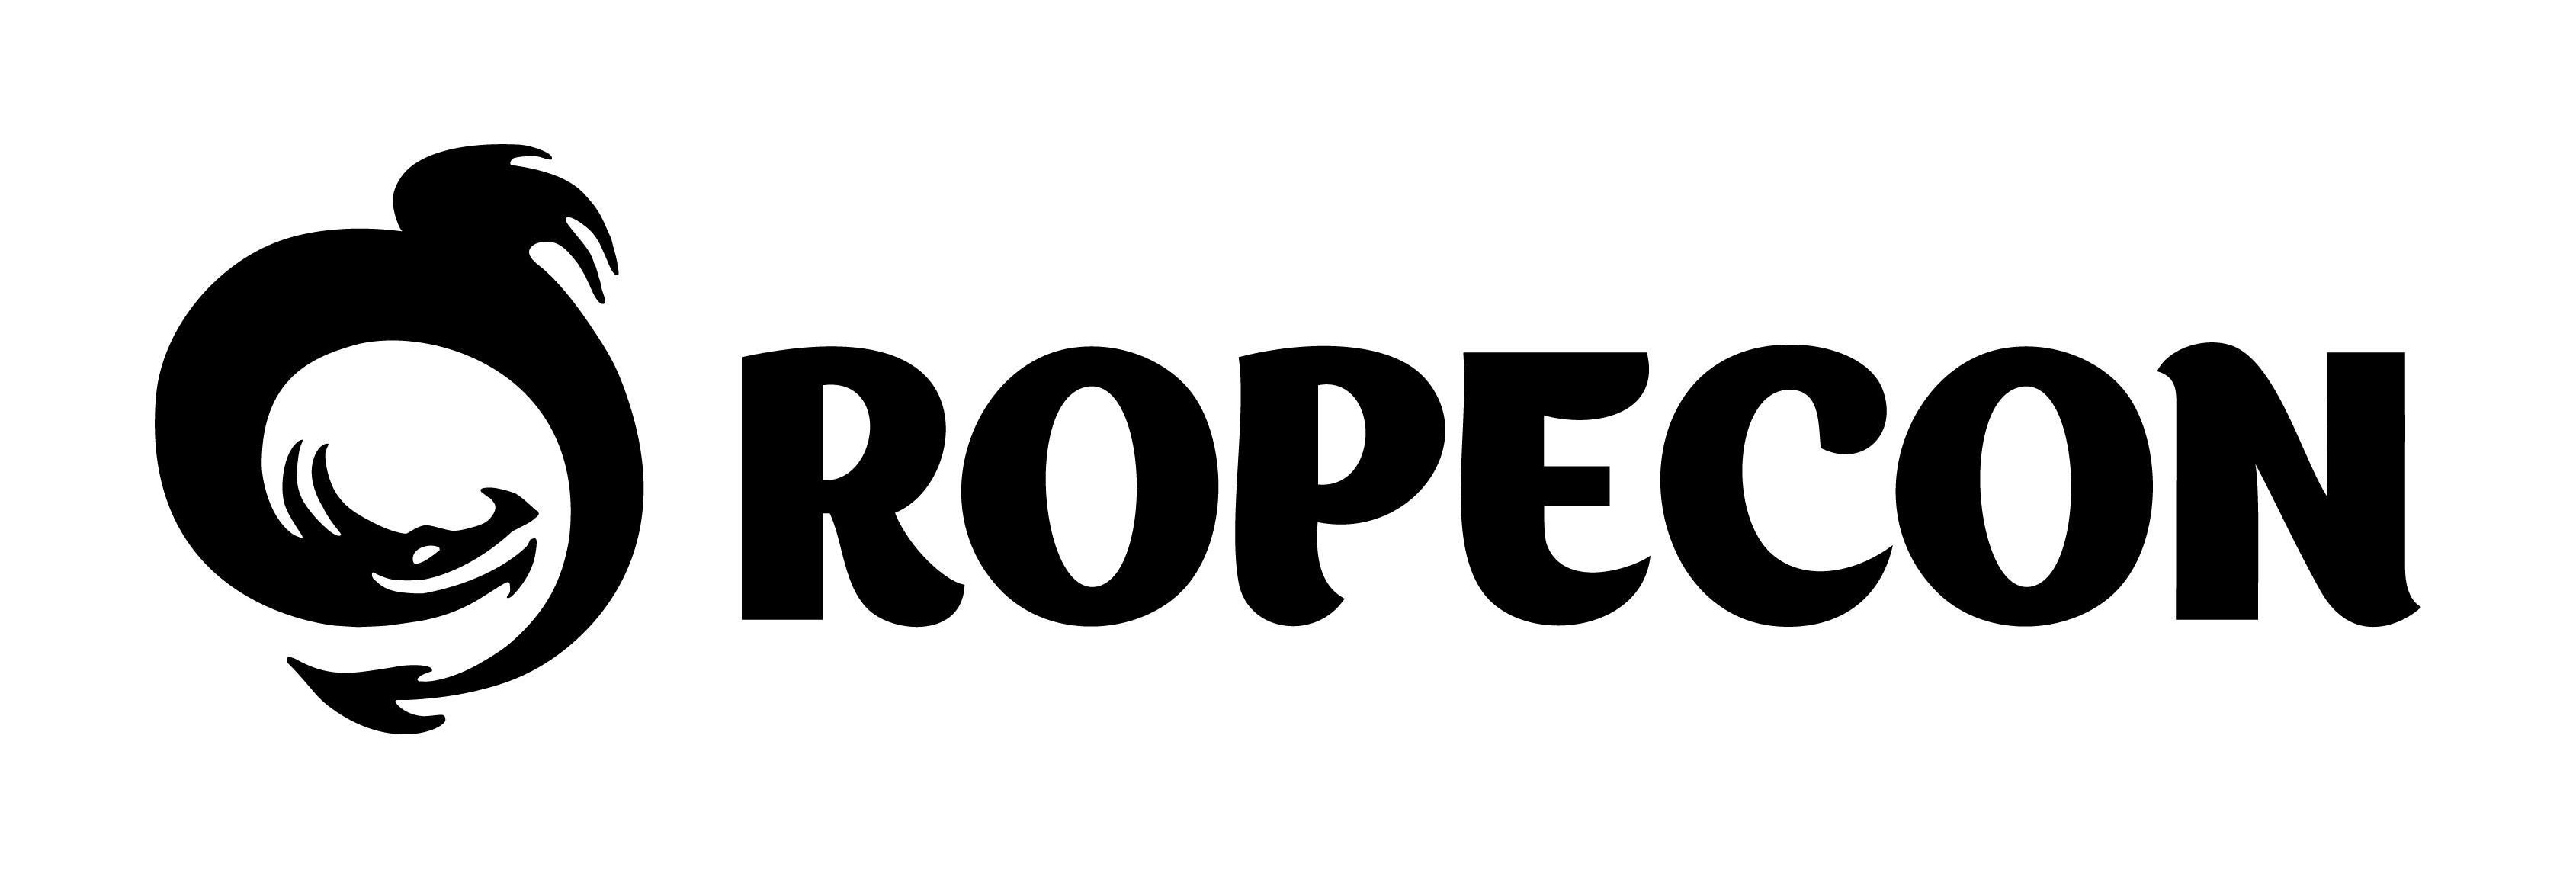 Ropecon logo